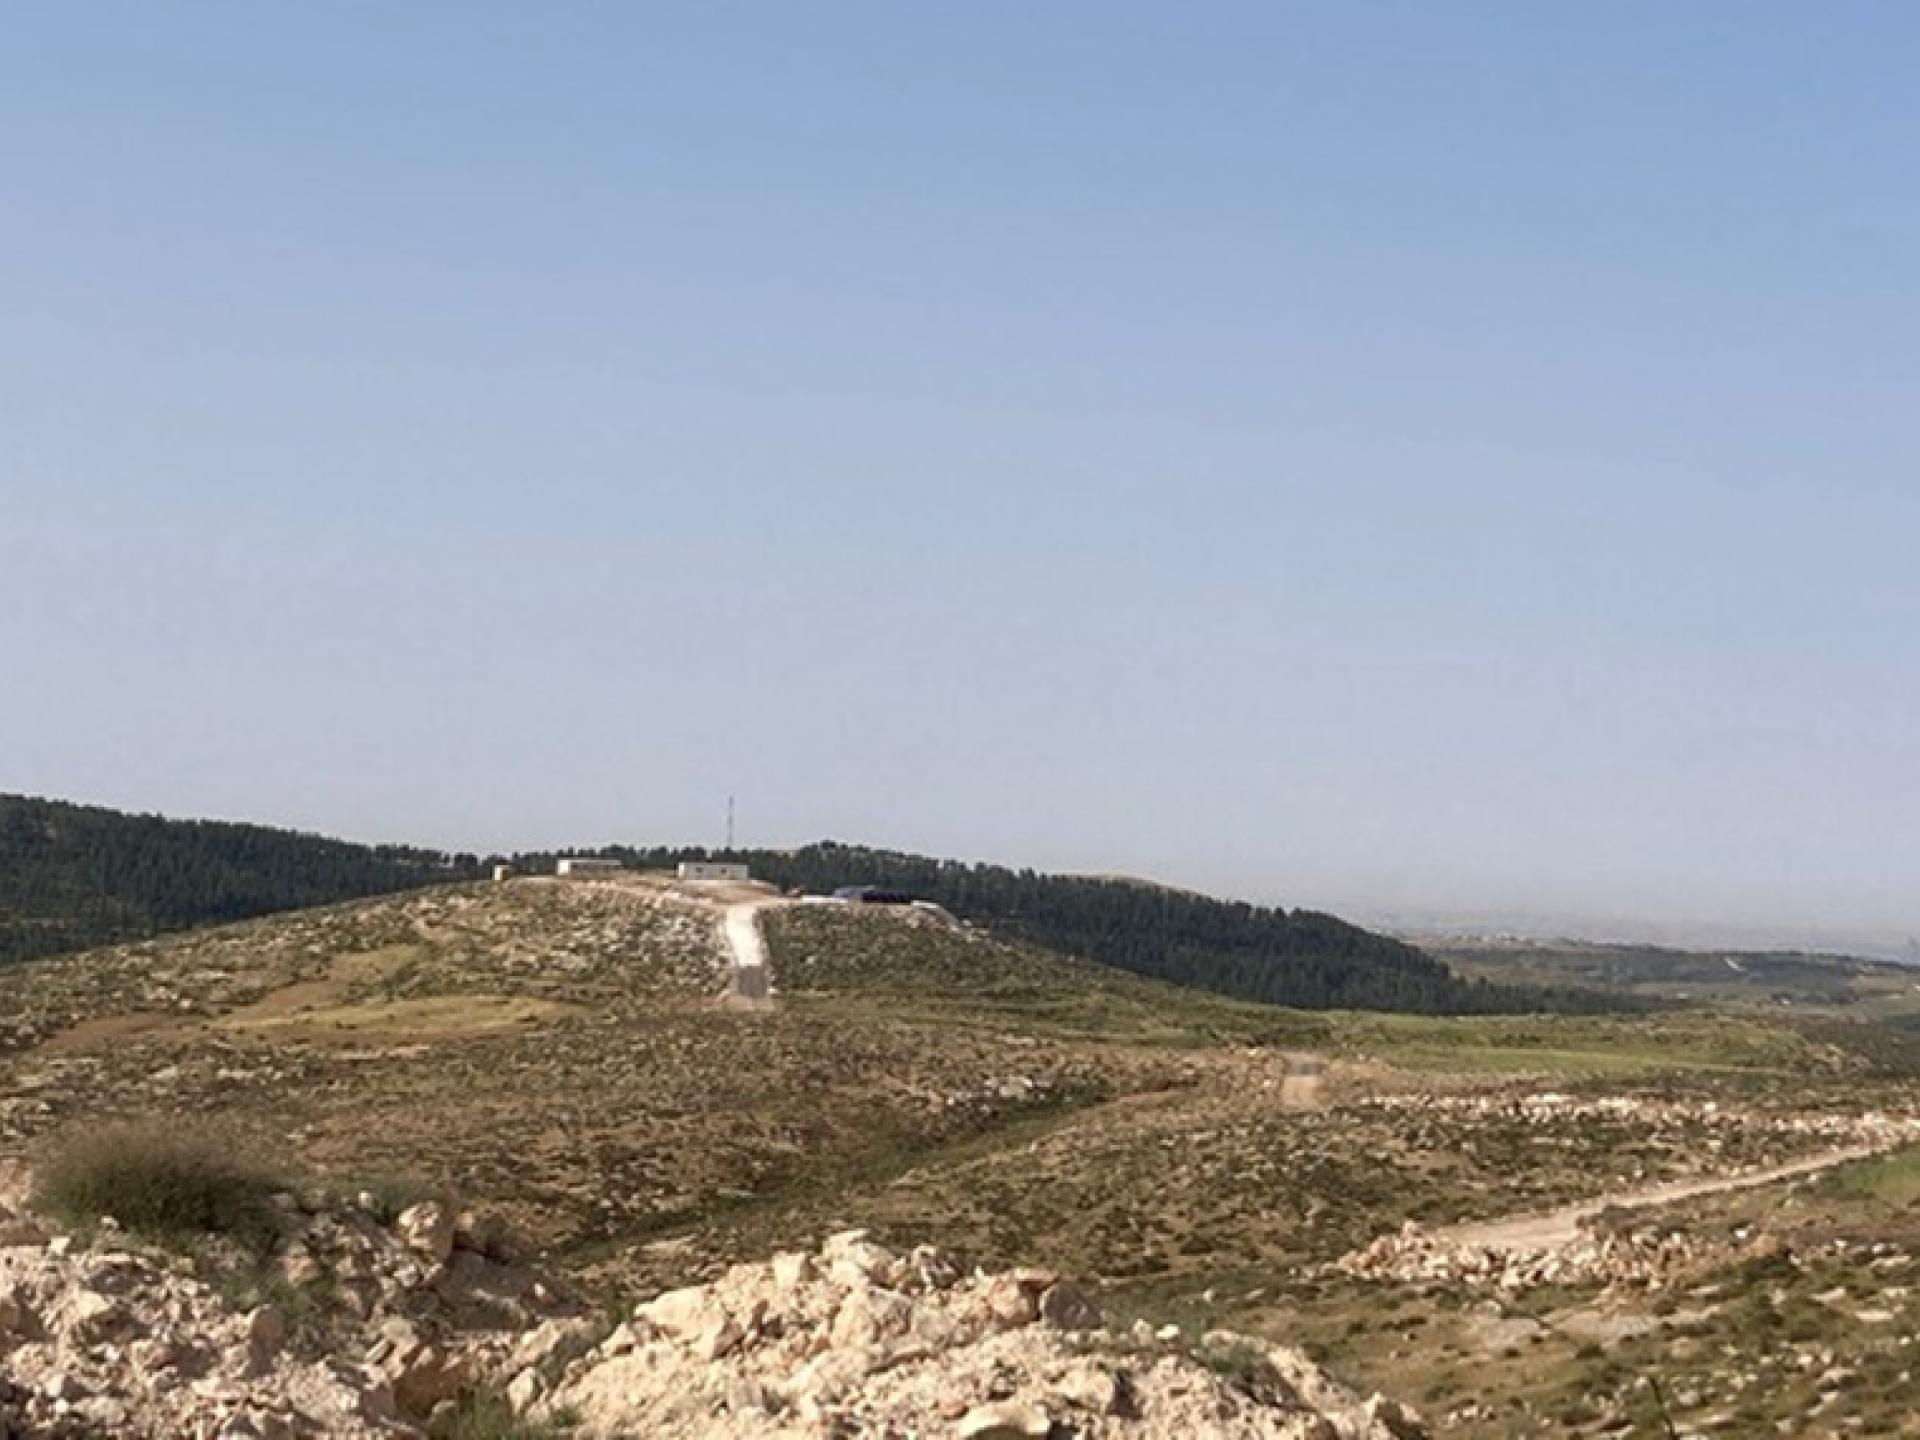 בראש הגבעה רואים מבנים אחדים, חוות צאן פיראטית של מתנחלים